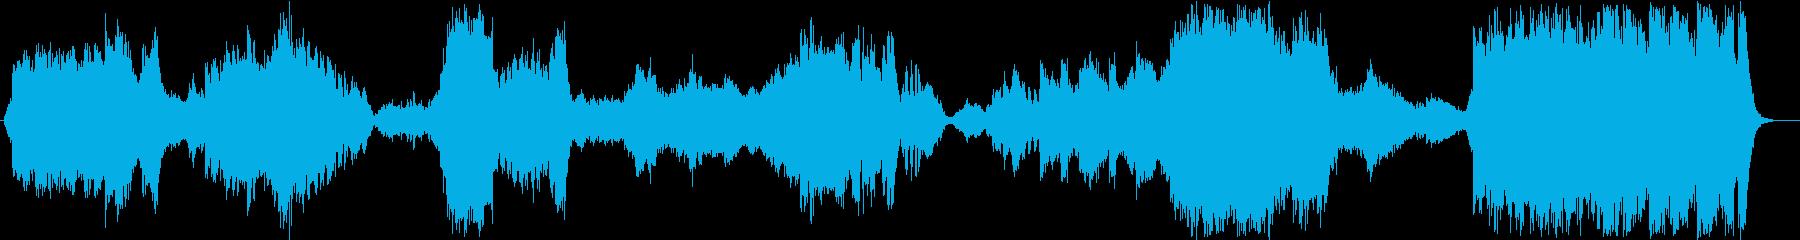 ファンタジー風オーケストラ 魔法の国の再生済みの波形